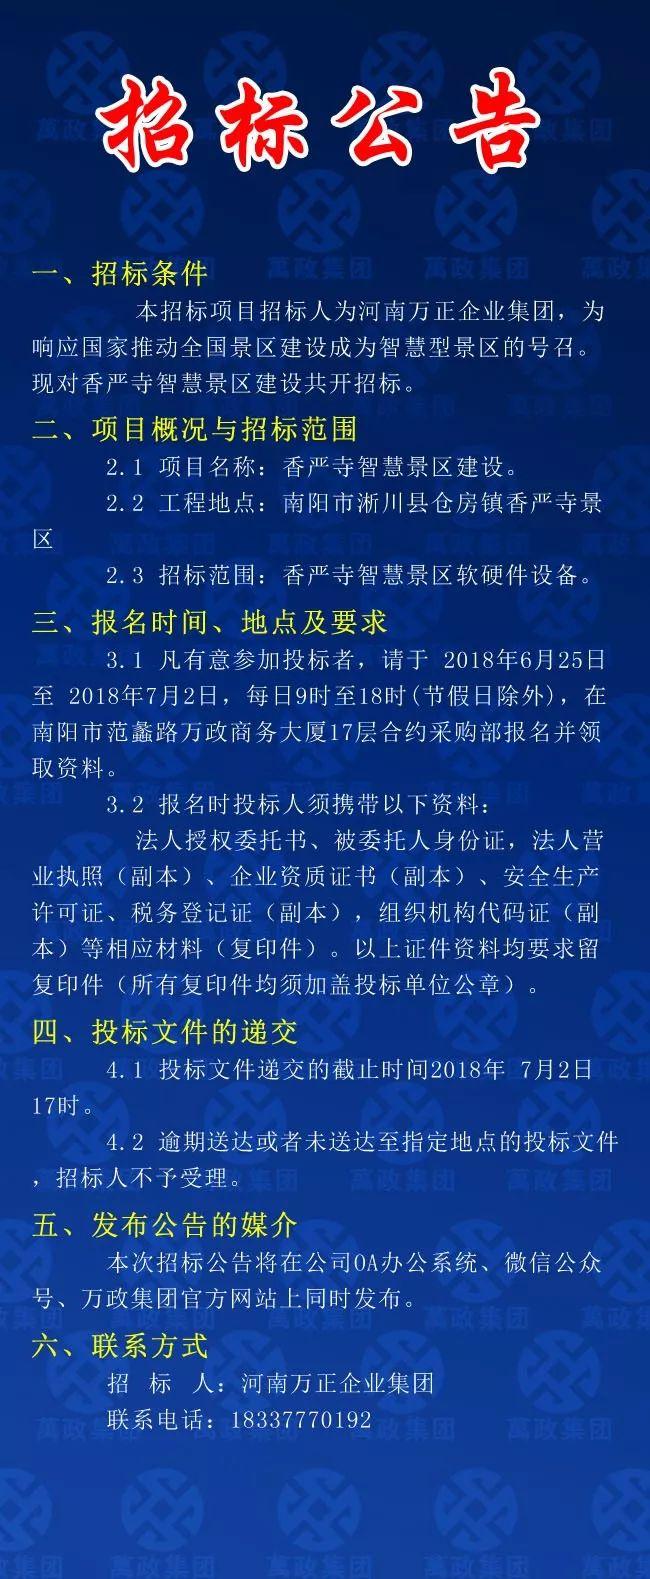 香严寺智慧景区建设工程招标公告